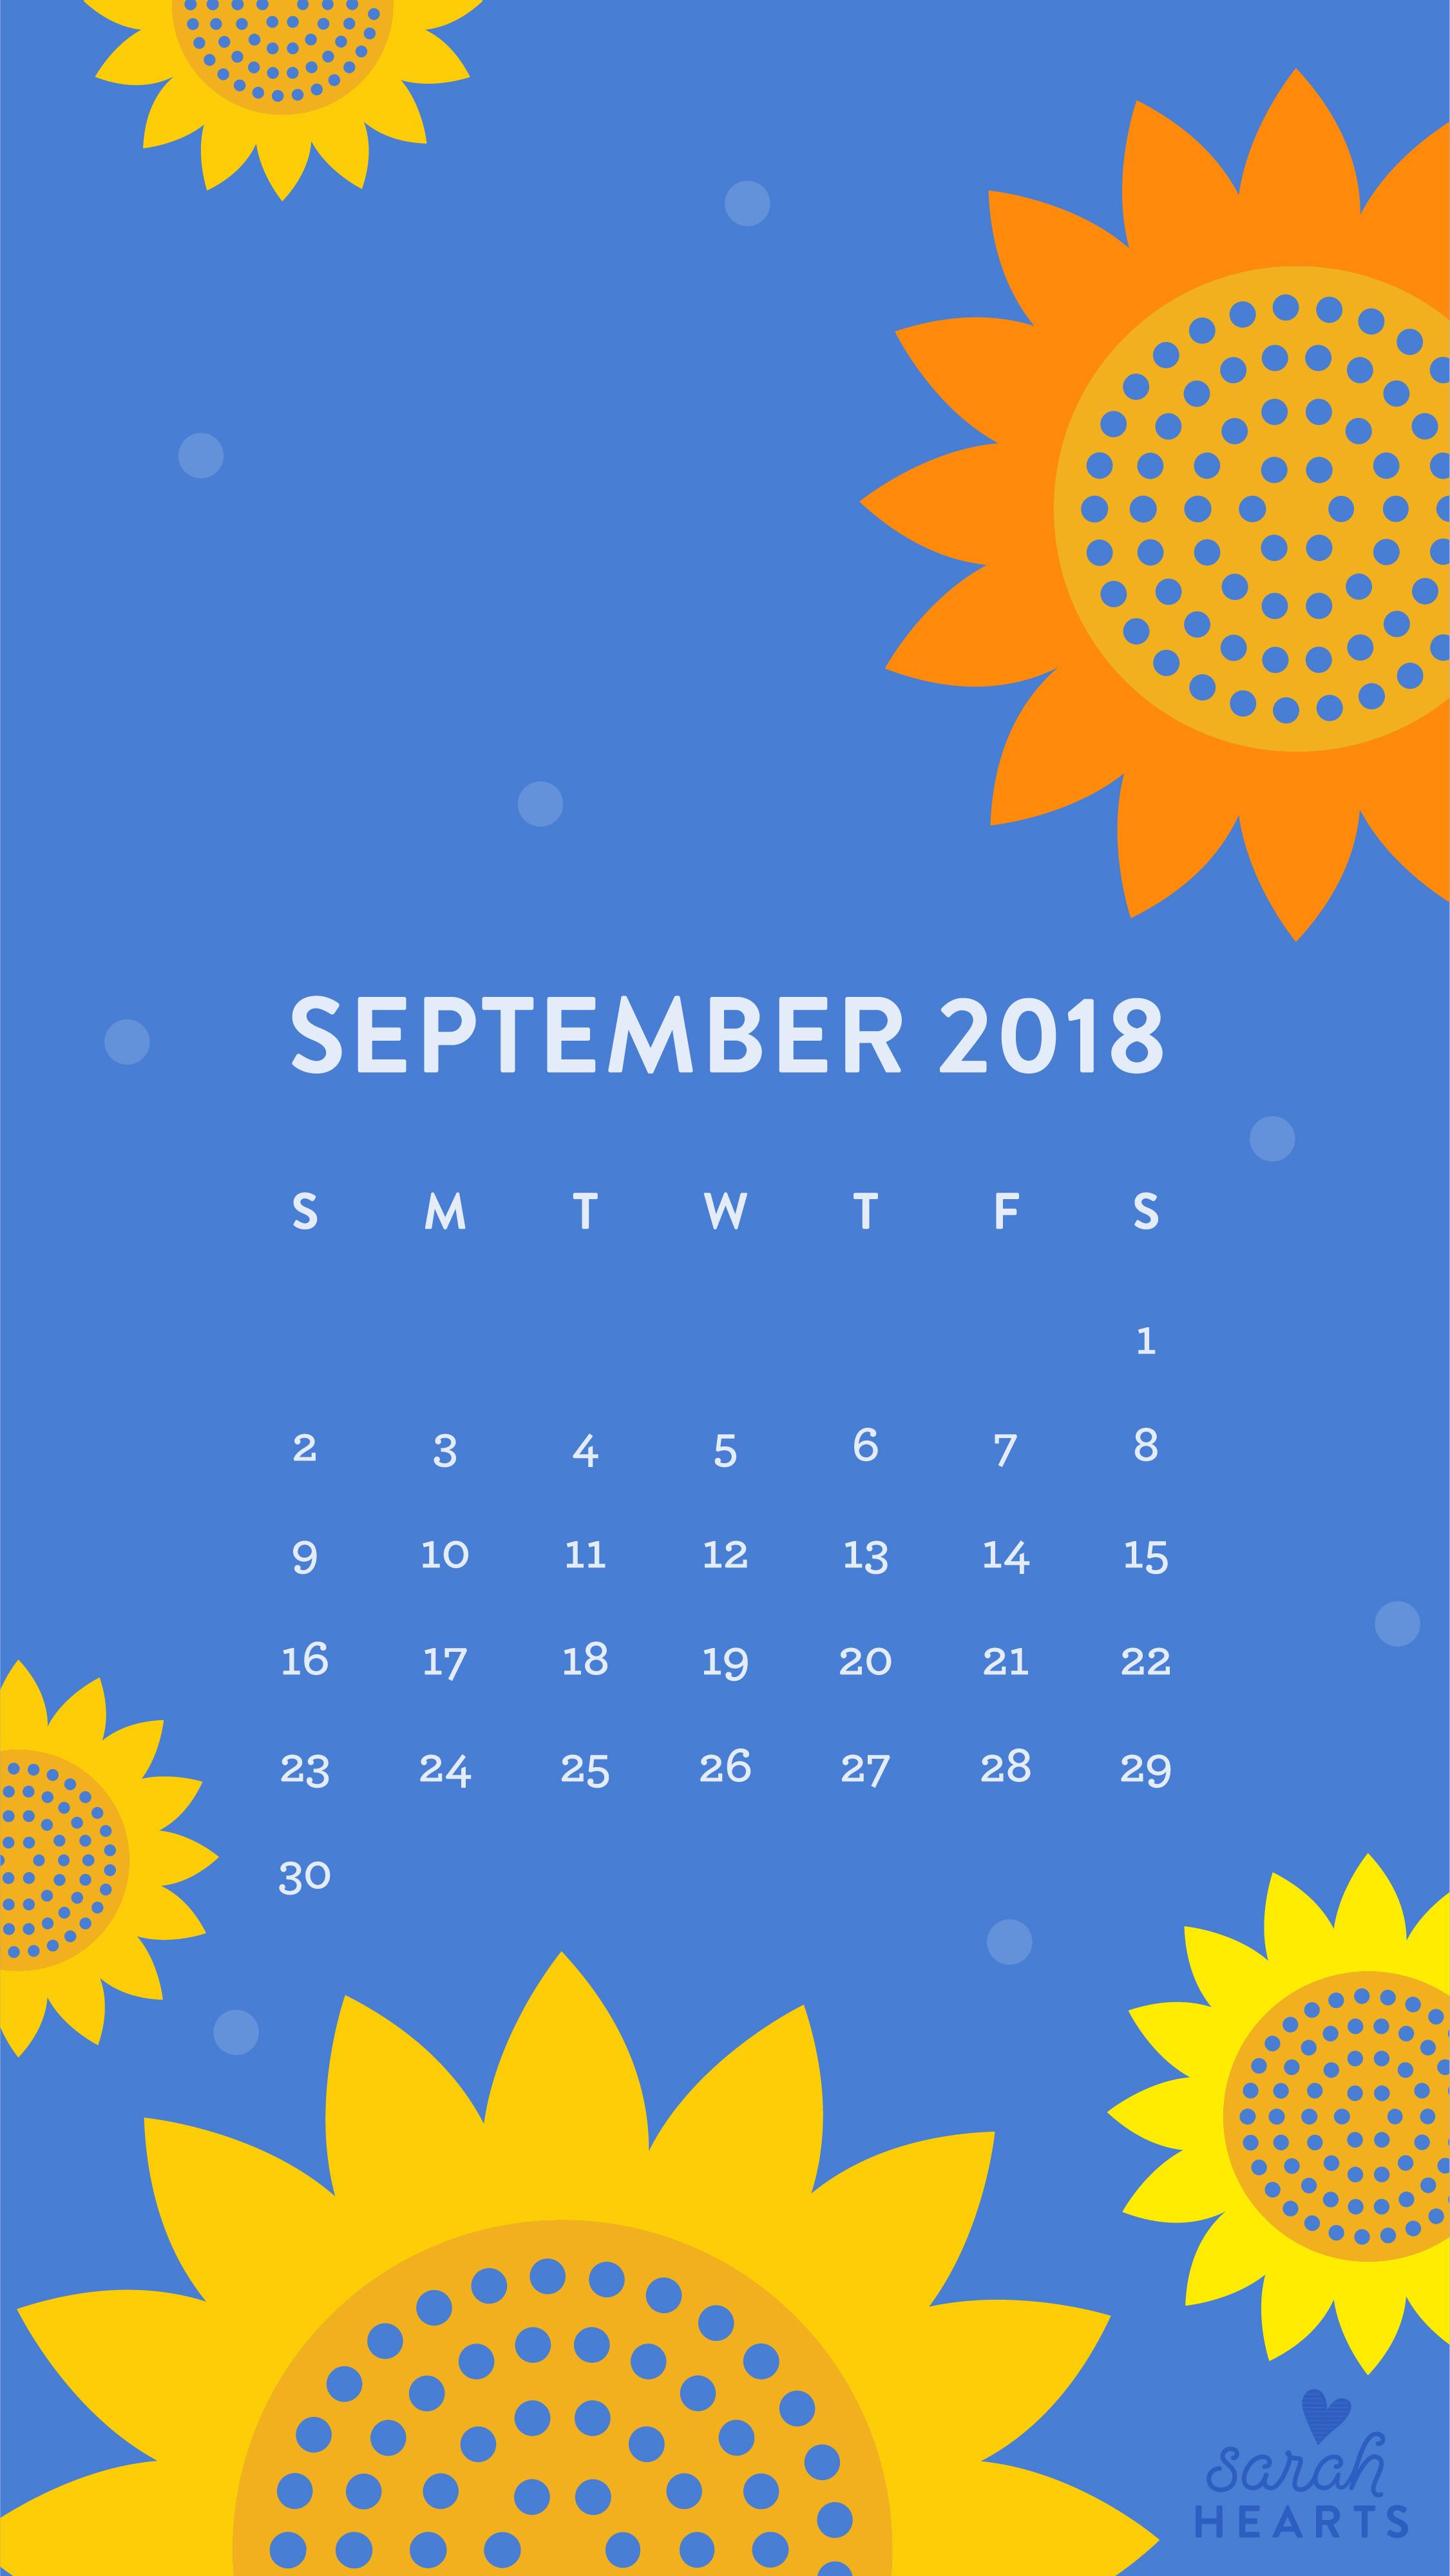 Fall Sunflower Wallpaper September 2018 Sunflower Calendar Wallpaper Sarah Hearts